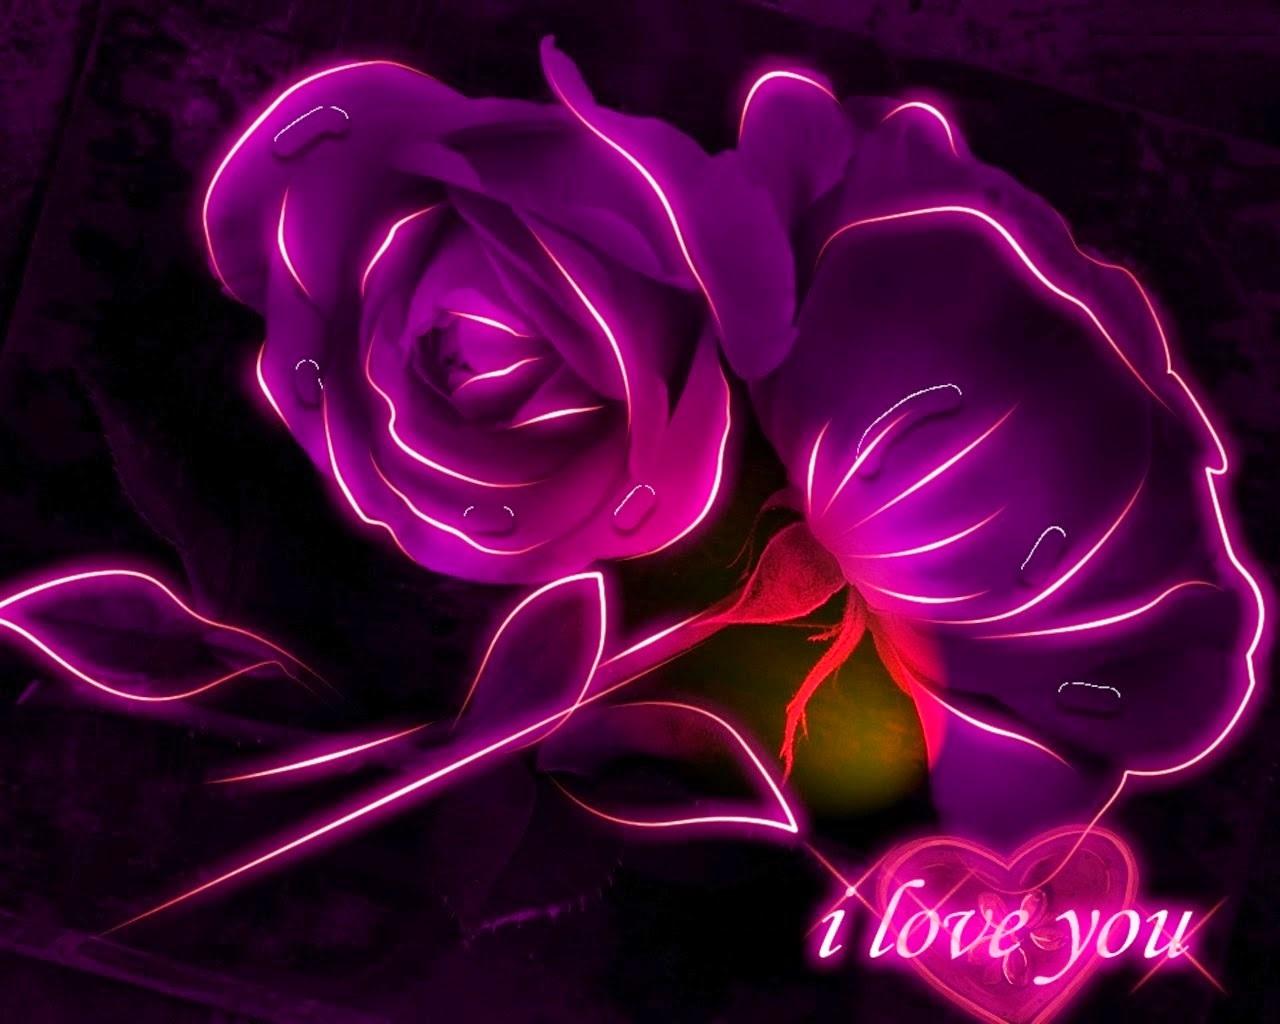 Amor frases poemas imágenes y canciones